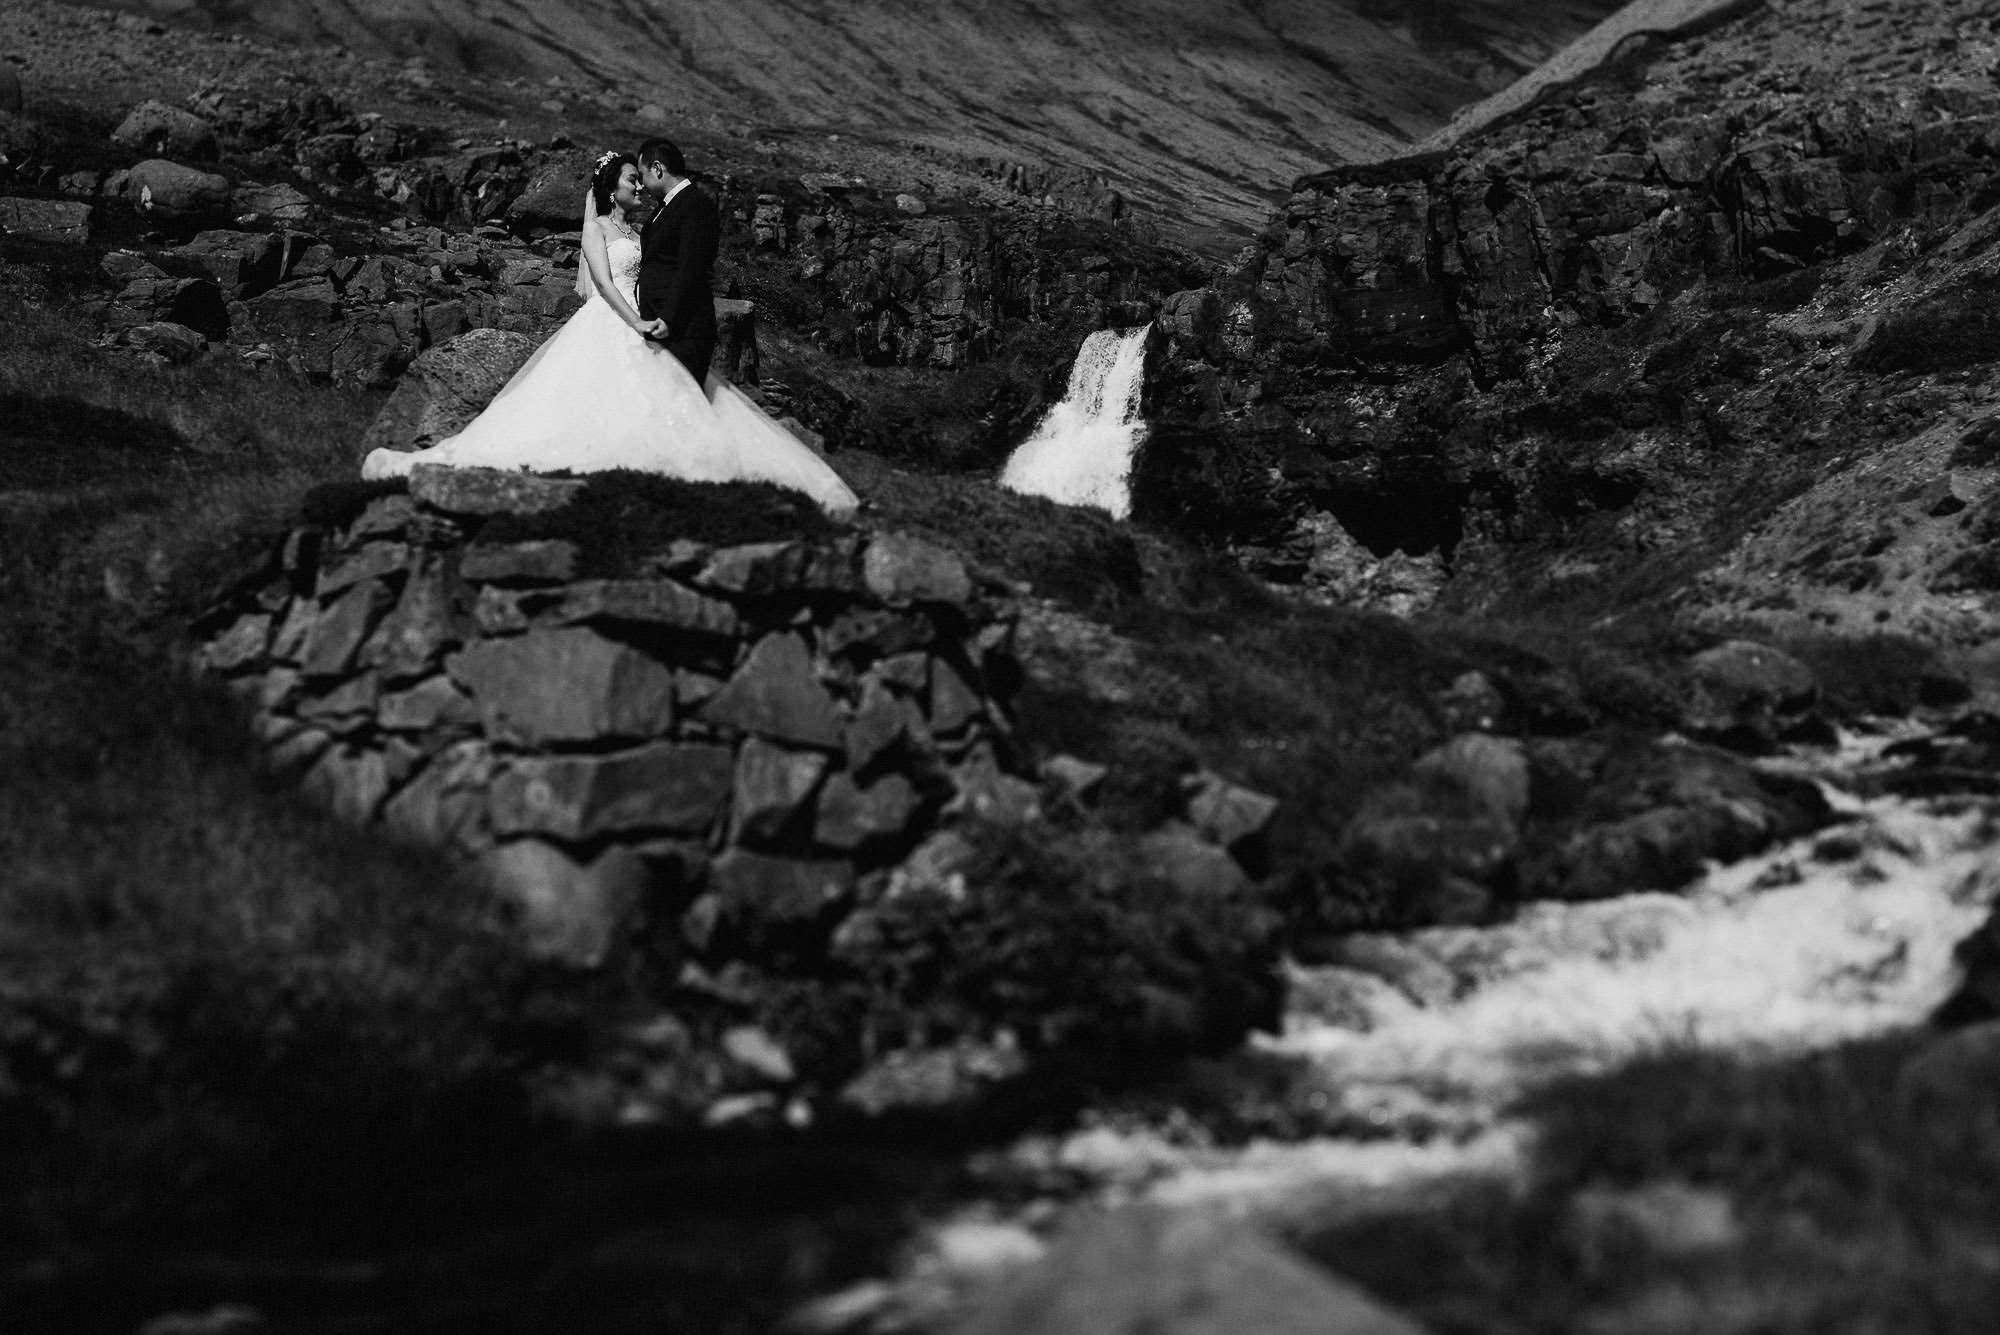 iceland-wedding-photographer_jere-satamo_photography-reykjavik-034.jpg